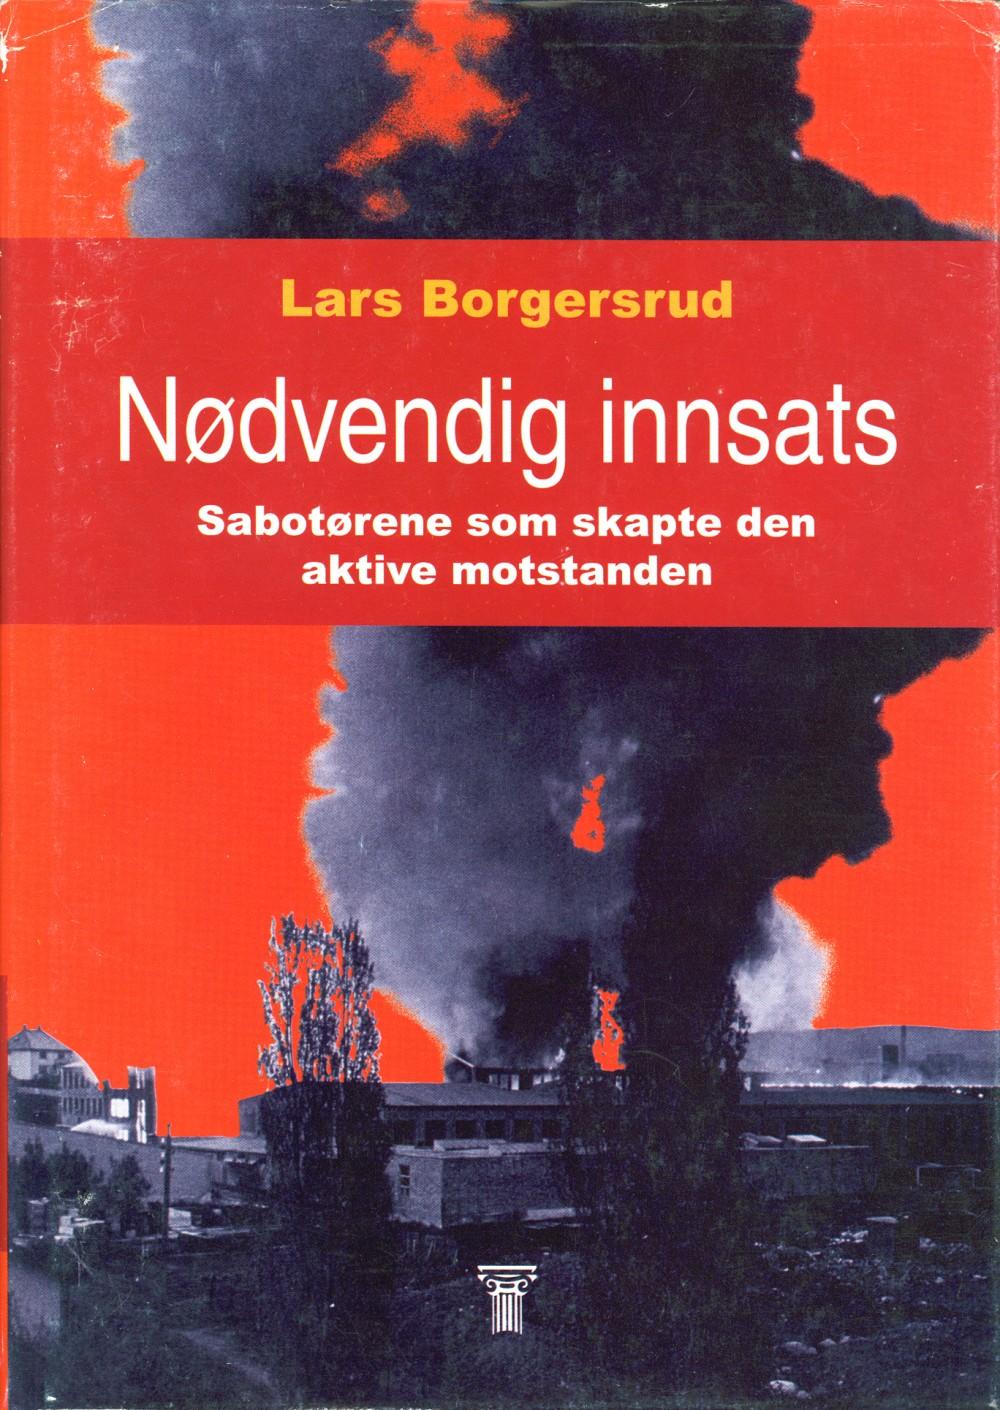 Lars Borgersrud: Nødvendig innsats - Sabotørene som skapte den aktive motstanden (med dedikasjon)